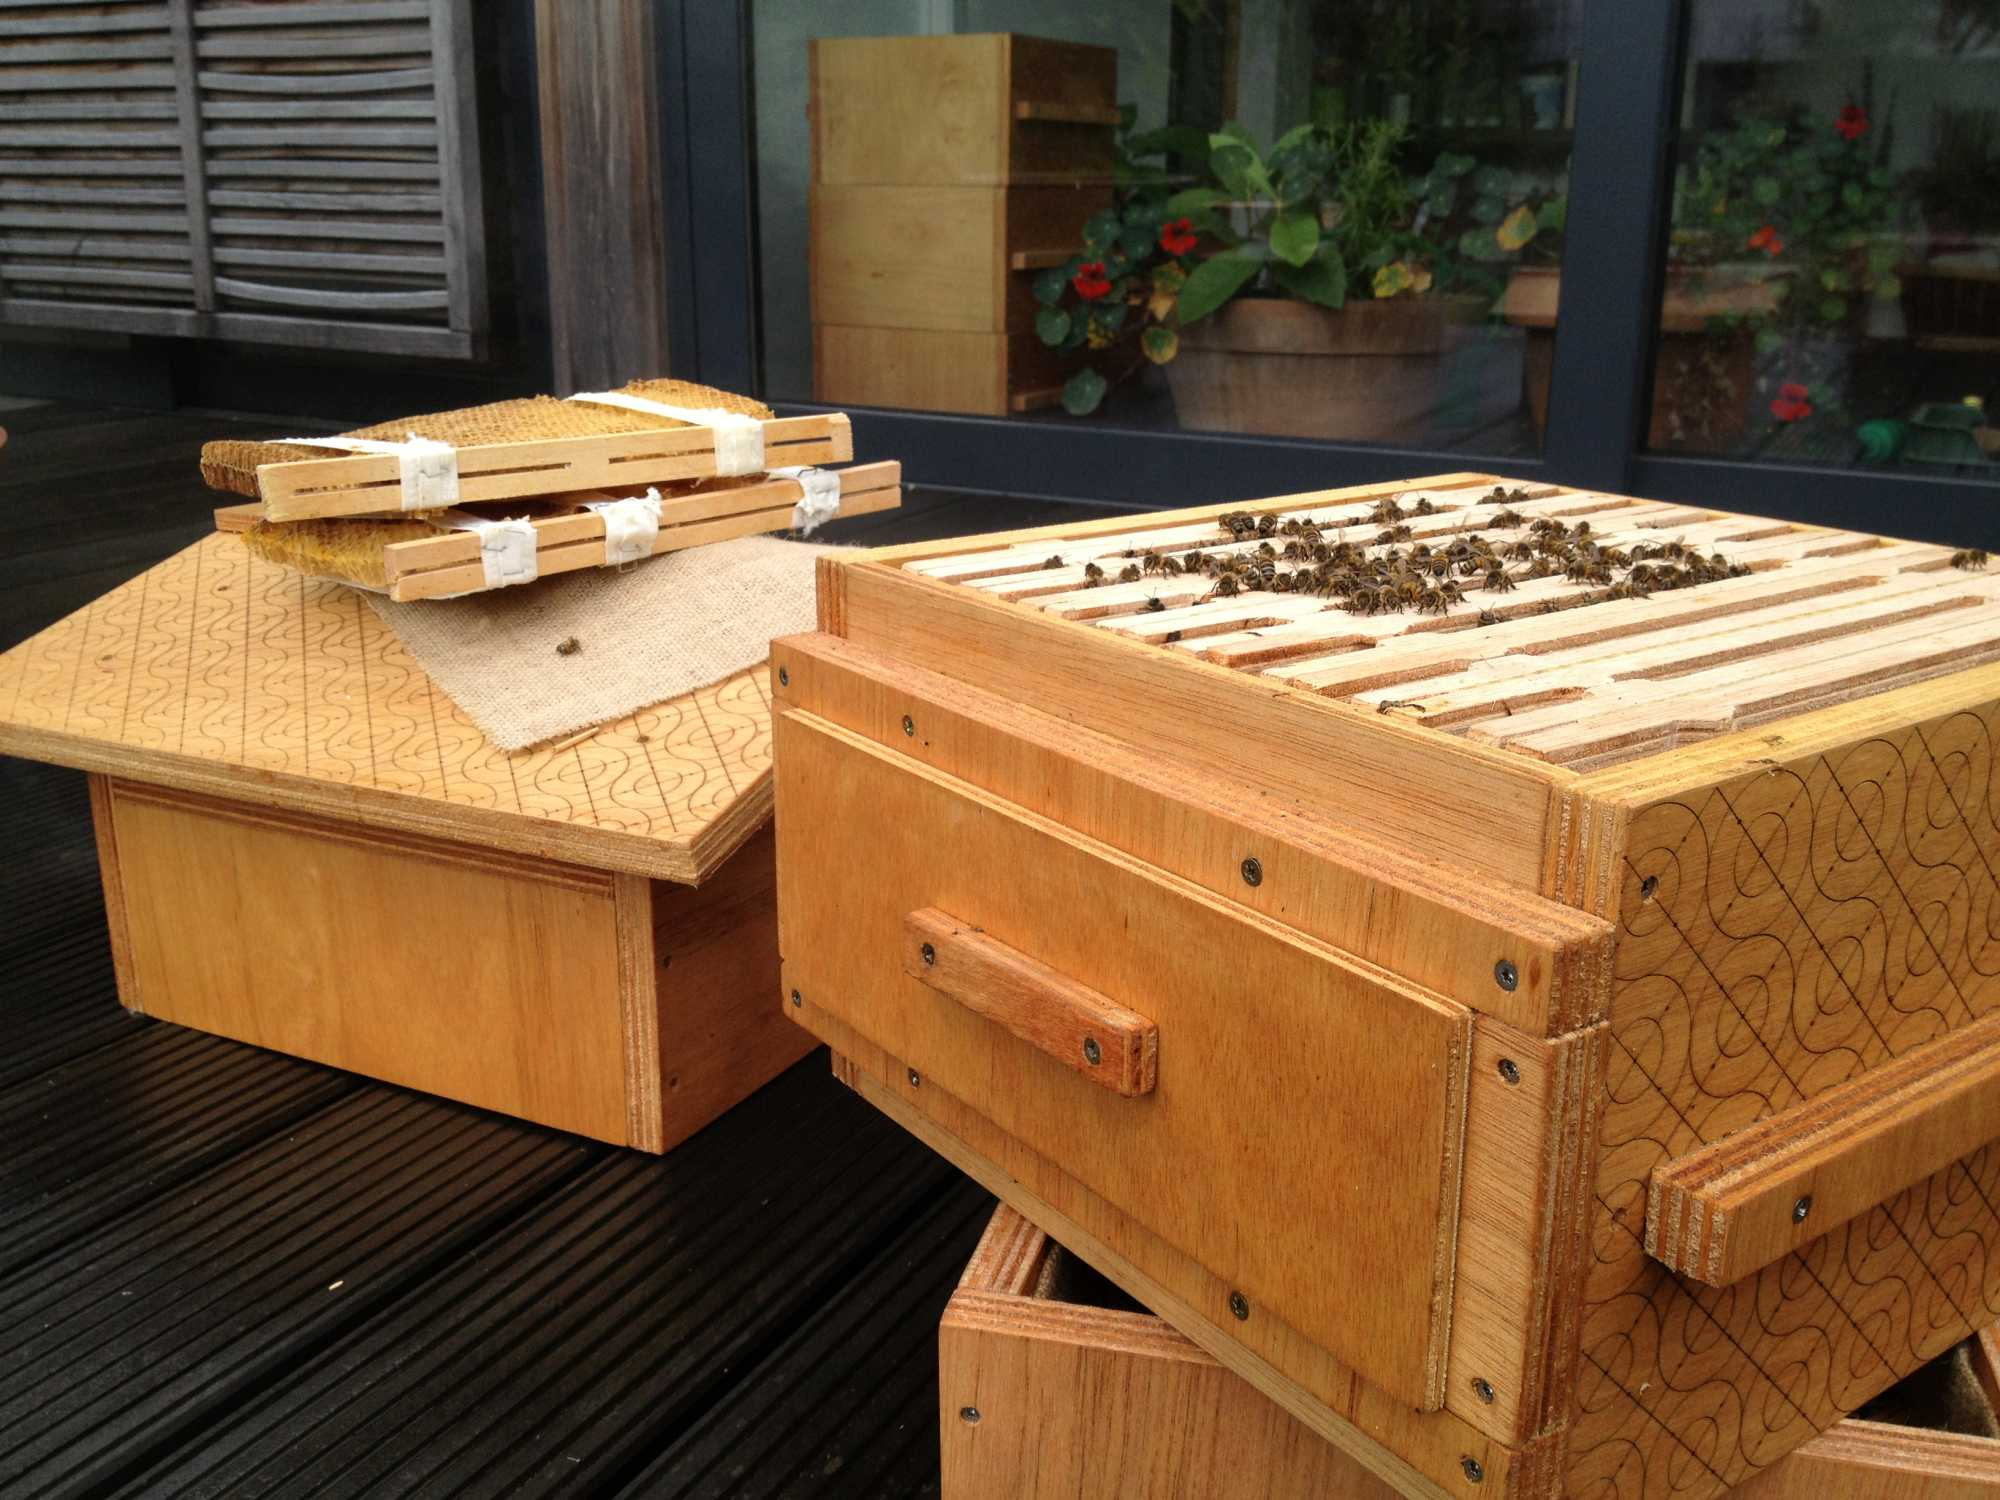 Die quelloffenen Bienenstöcke sind für optimale Lebensbedingungen ihrer Bewohner optimiert.